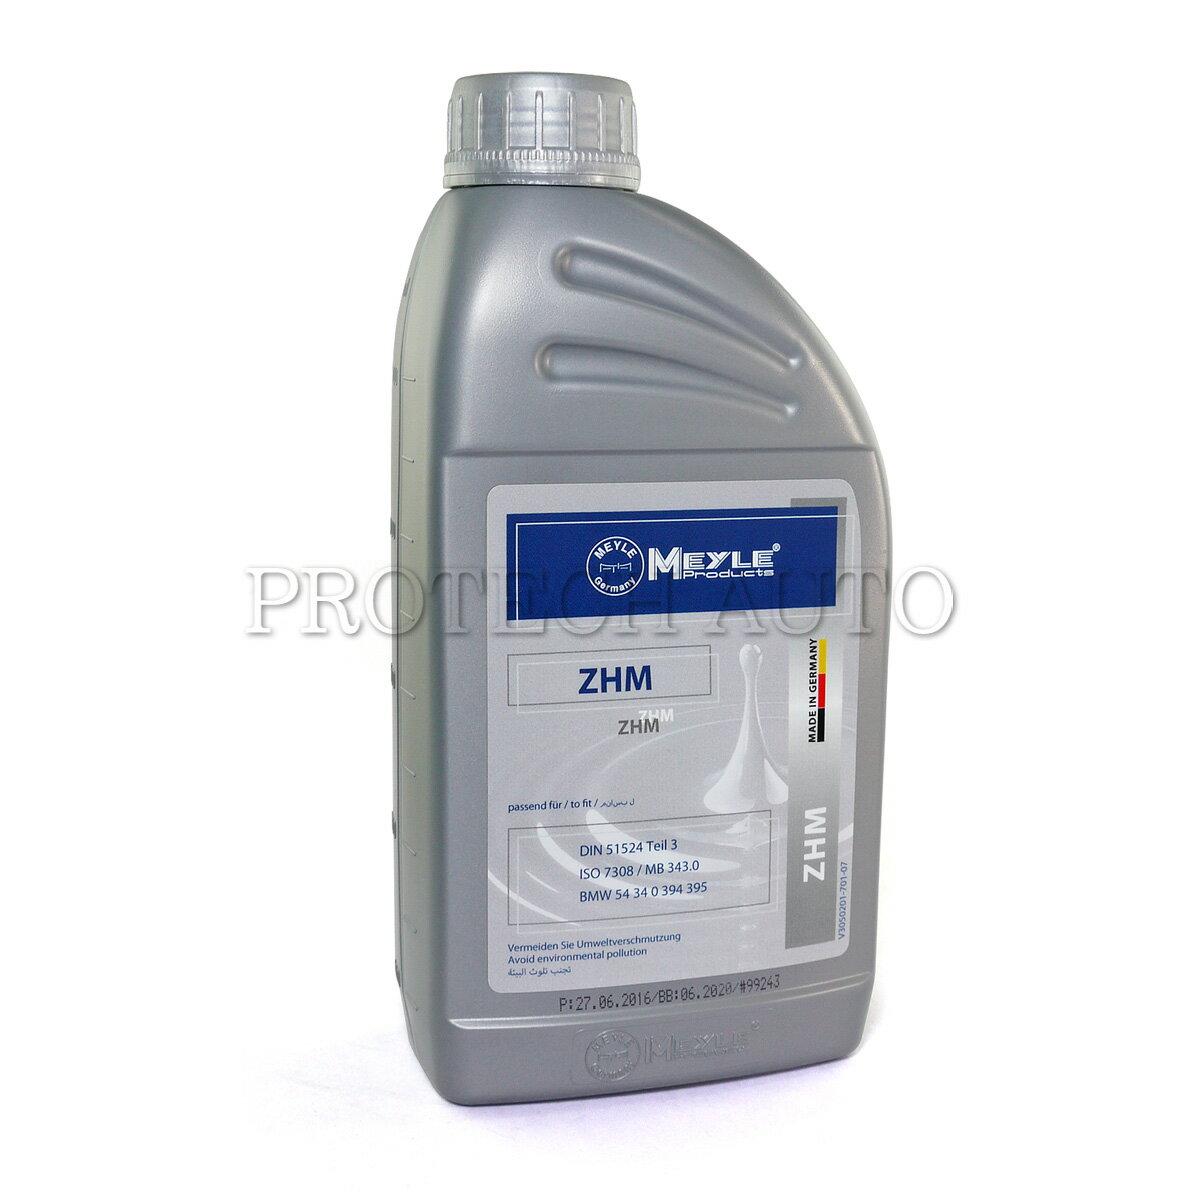 MEYLE製 ベンツ Cクラス W202 W203 ハイドロリックオイル/レベライザーオイル/作動油 1リットル 0009899103【あす楽対応】